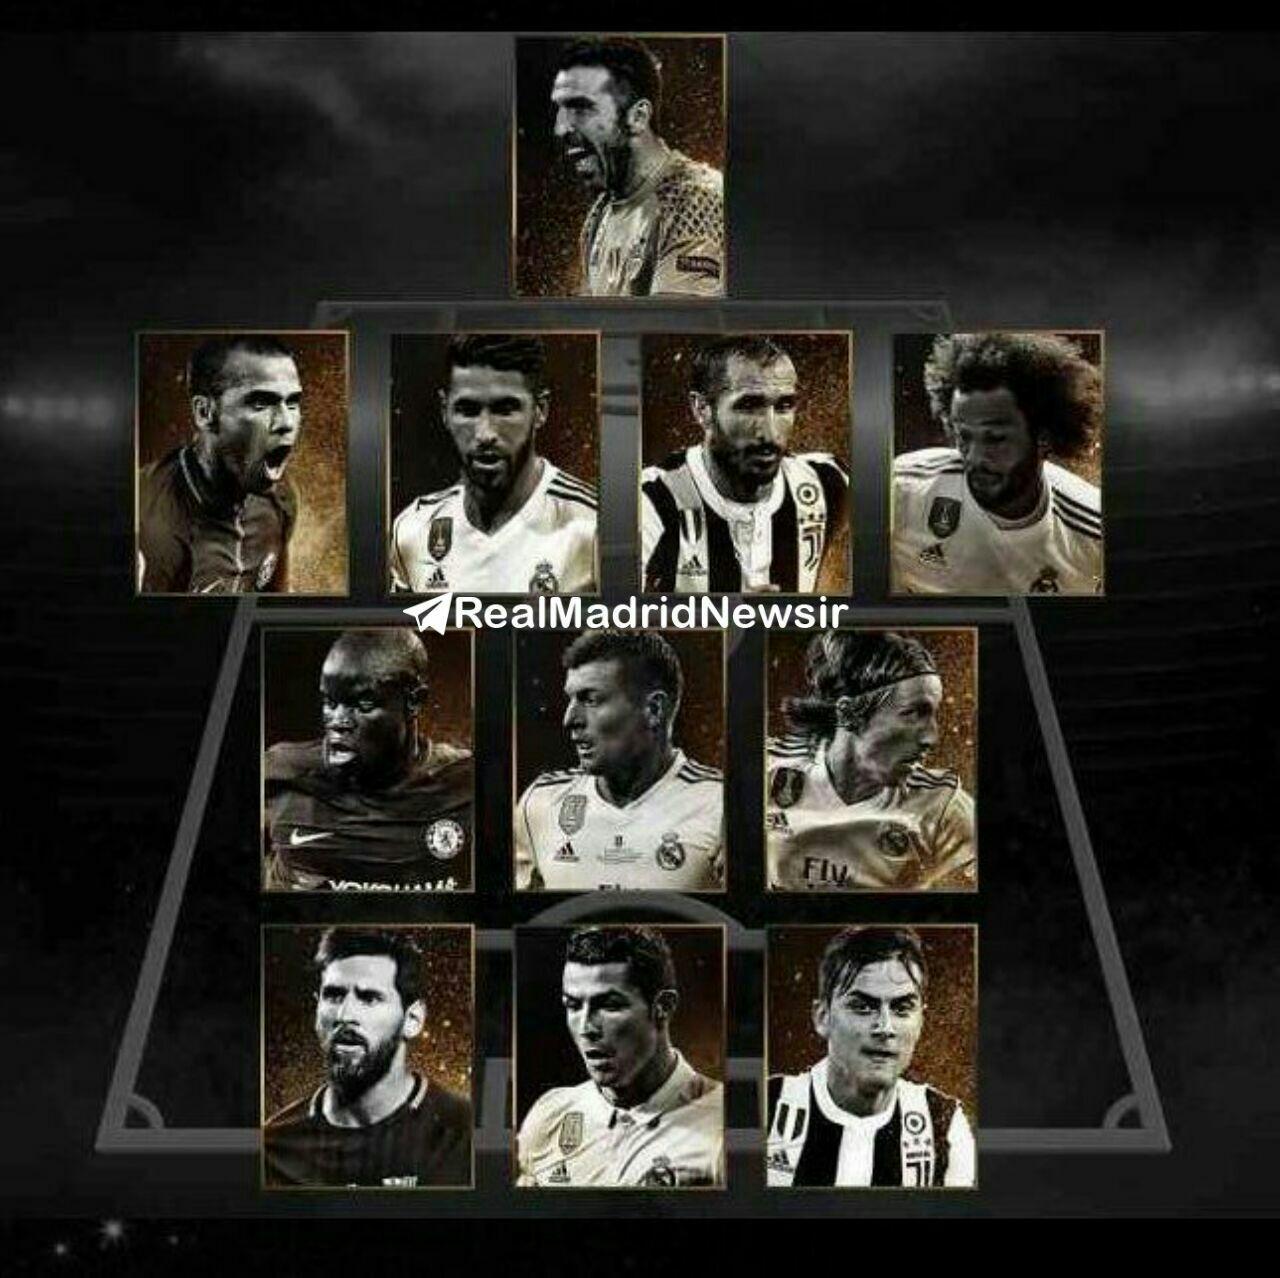 آخرین اخبار ورزشی:منتخب جهان با 5 بازیکن از رئال مادرید/از شماها نميترسيم چون رونالدو را ندارید